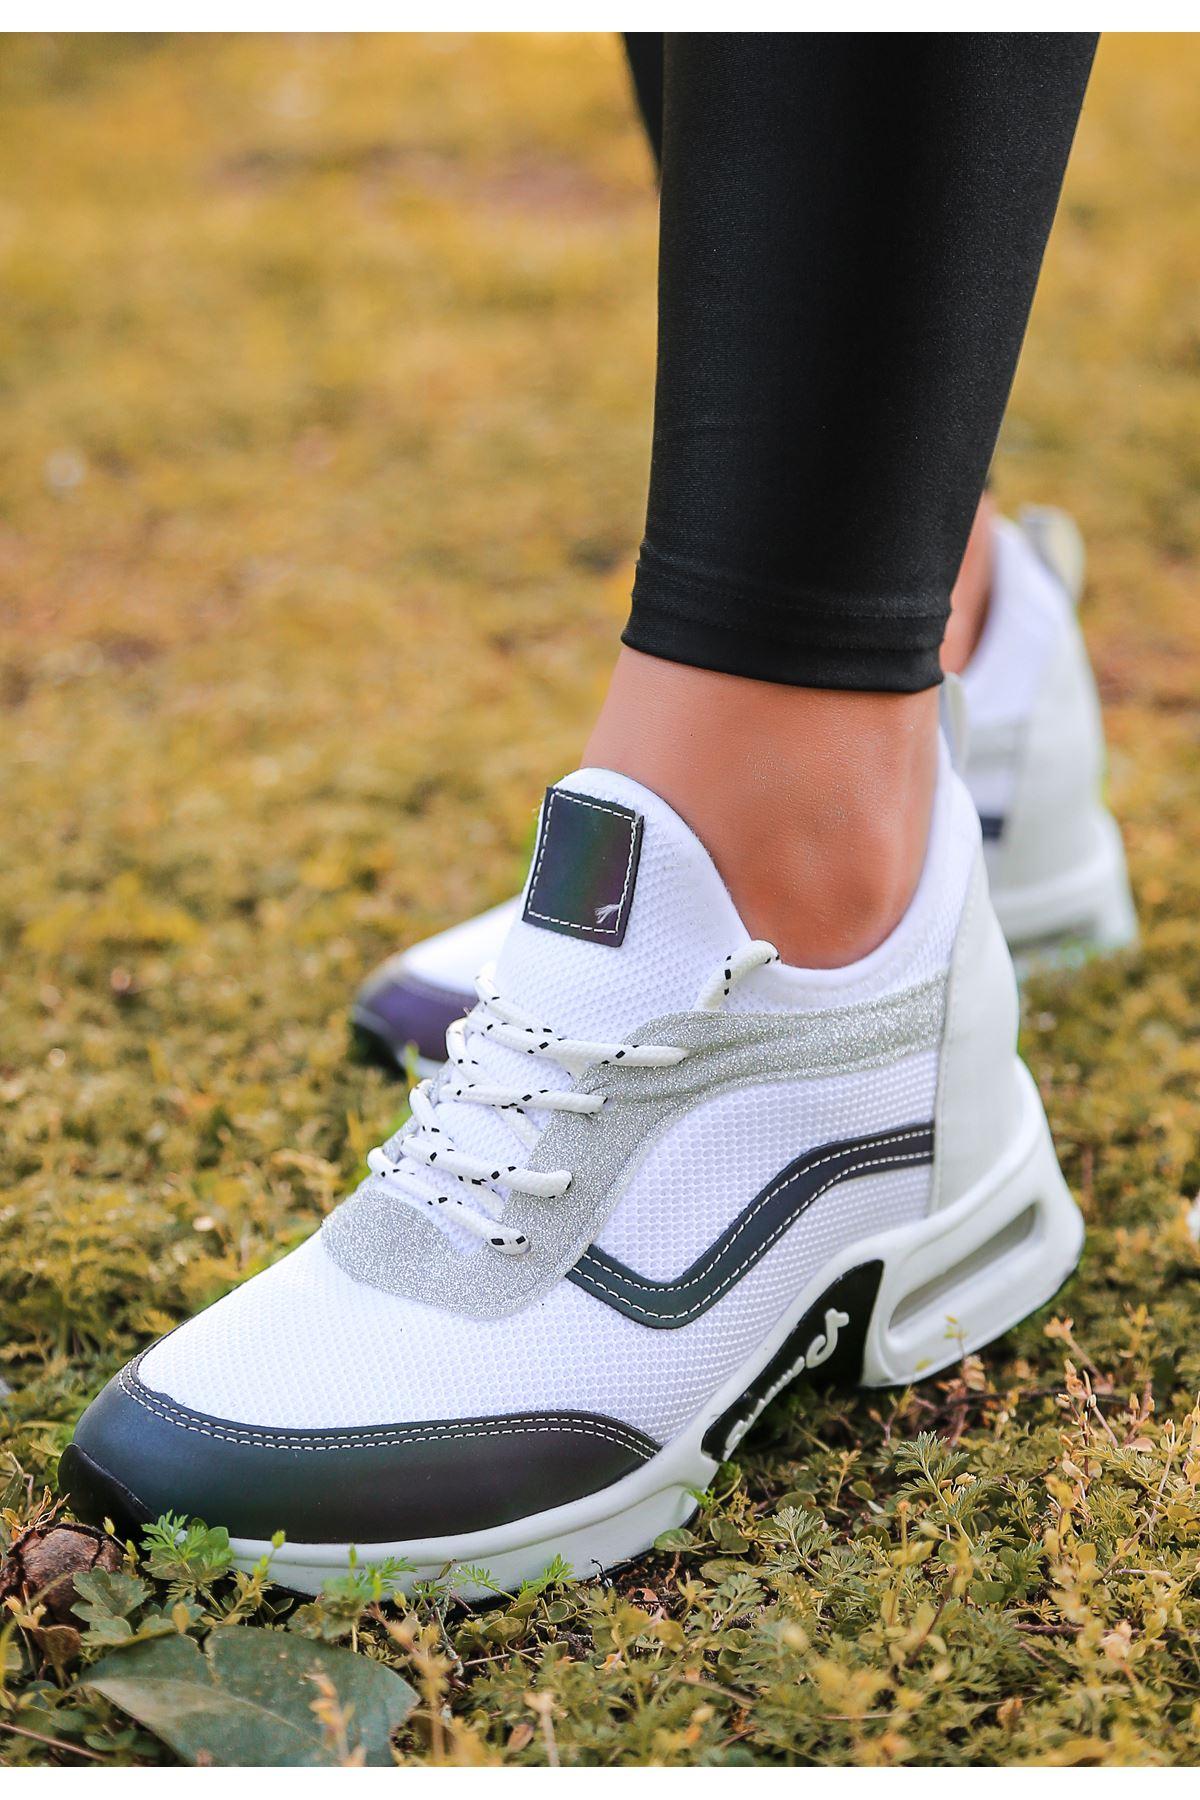 Army Hava Tabanlı Fileli Bağcık Detaylı Beyaz Hologramlı Kadın Spor Ayakkabı